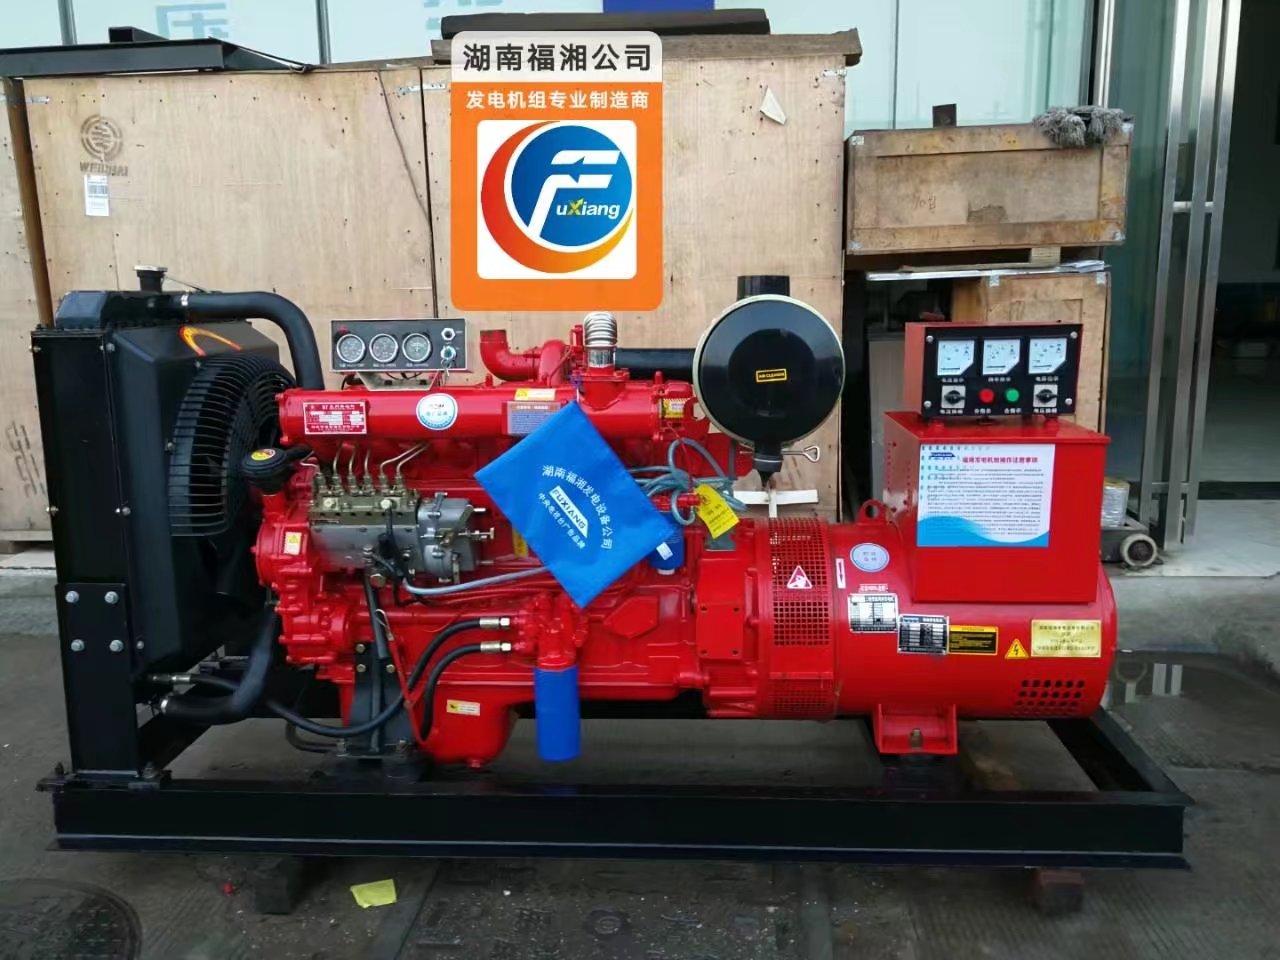 长沙齐全湖南潍柴动力柴油发电机组供应 供销湖南潍柴动力柴油发电机组